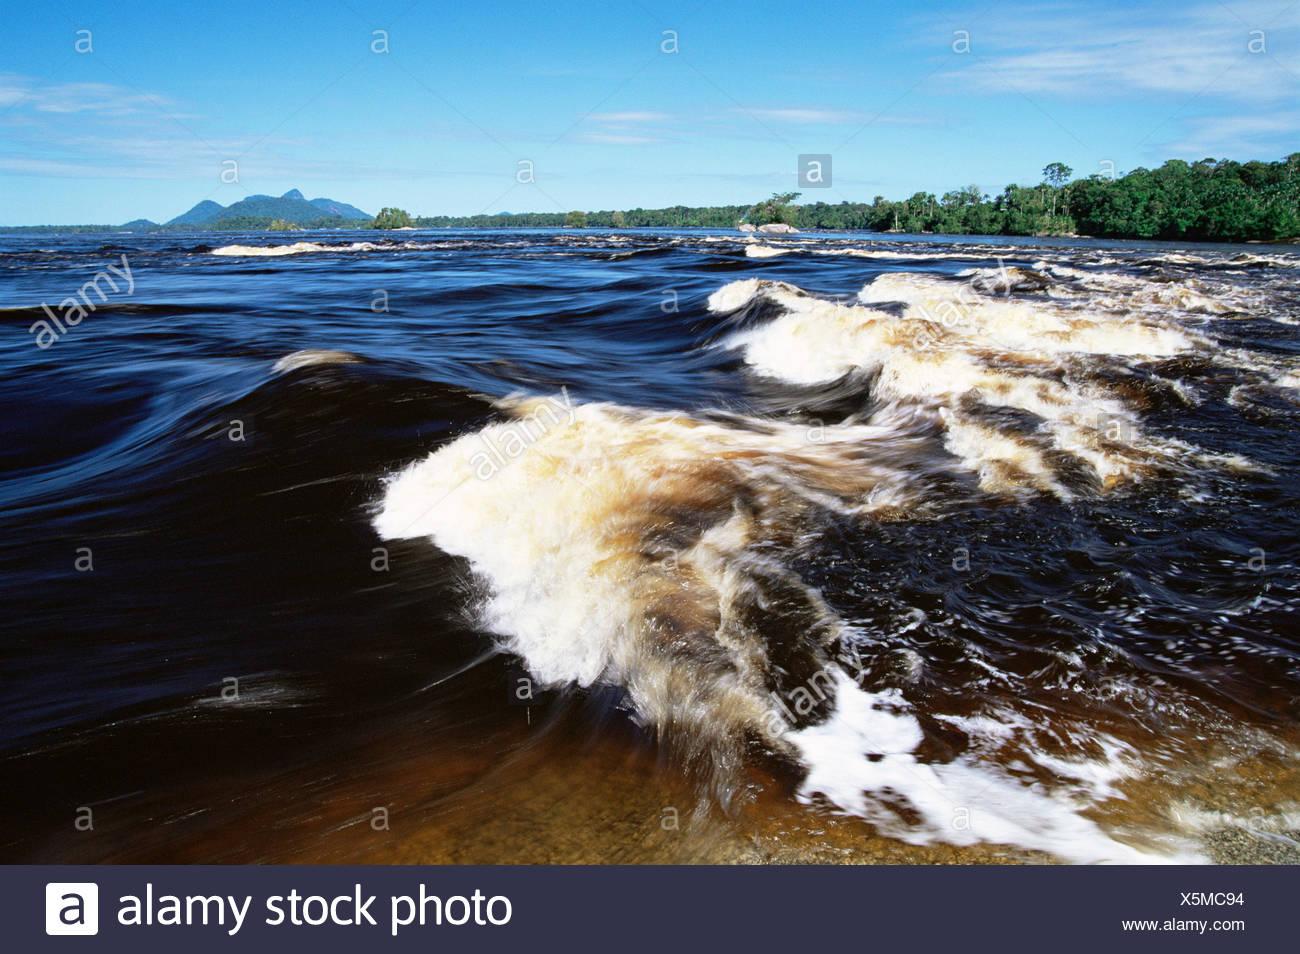 São Gabriel da Cachoeira Amazonas fonte: c8.alamy.com